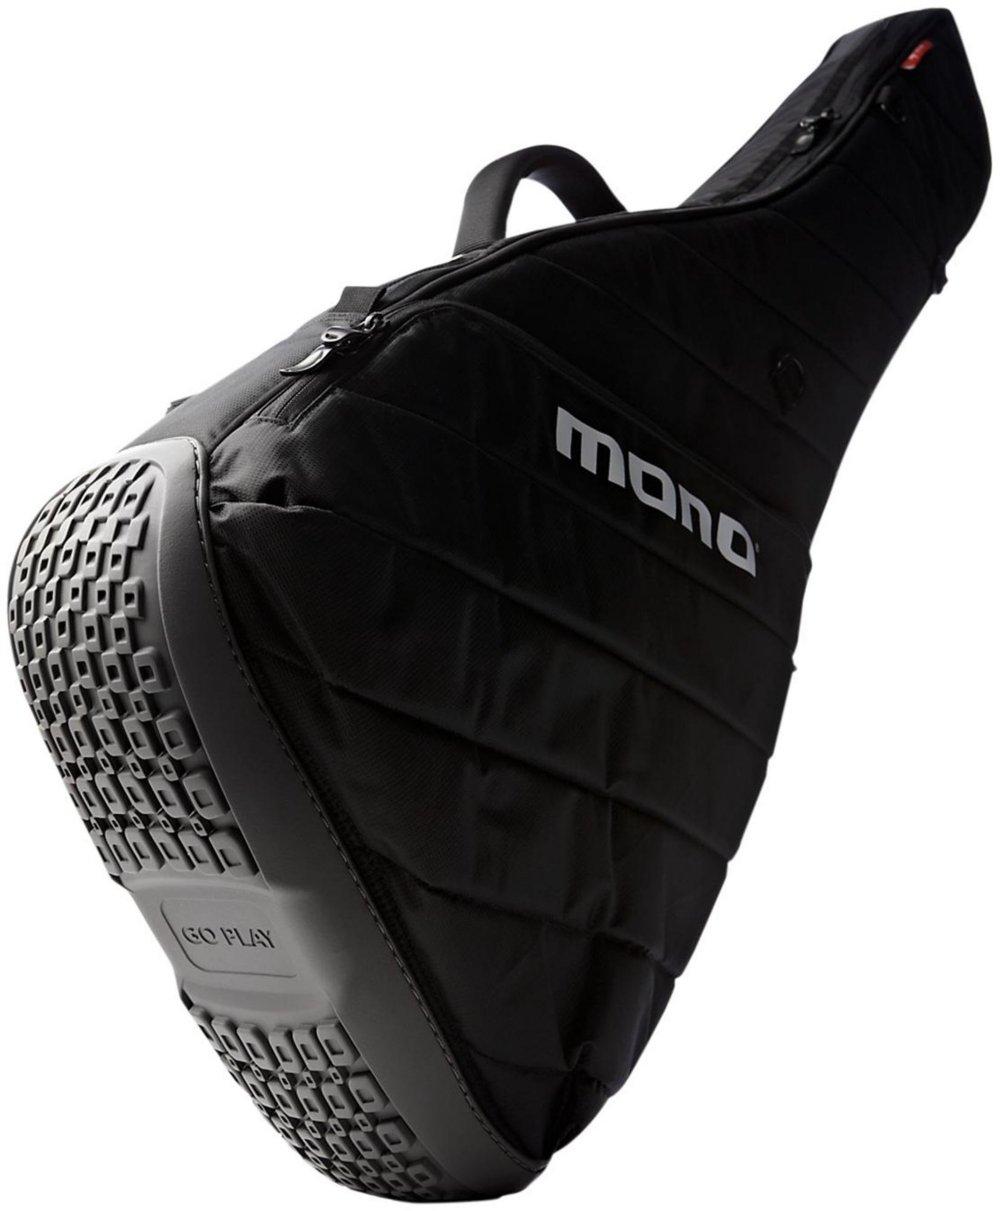 Mono m80-veg-blk funda para guitarra eléctrica: Amazon.es: Instrumentos musicales